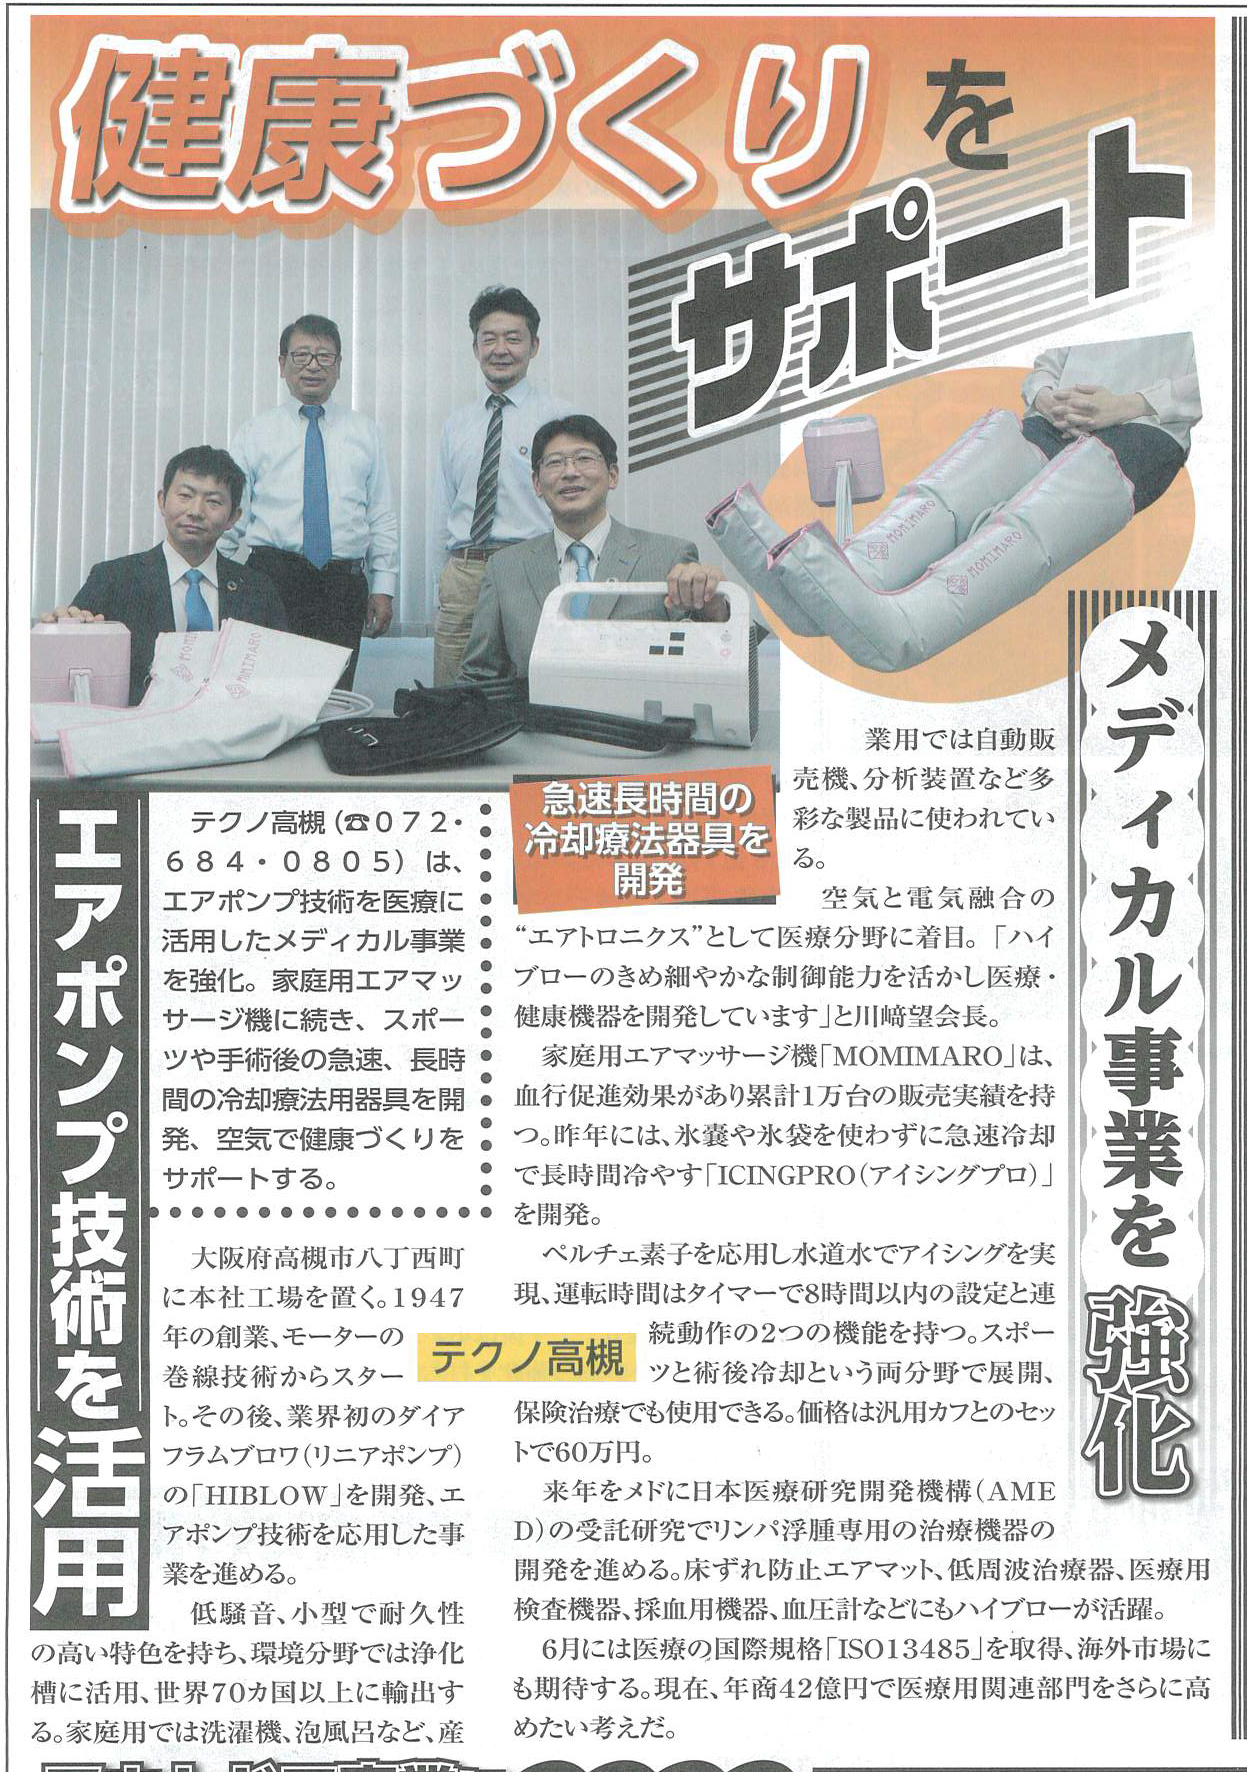 フットマッサージャー もみまろ Momimaro 冷却装置 アイシングプロ Icingpro 冷却療法用器具 新聞記事